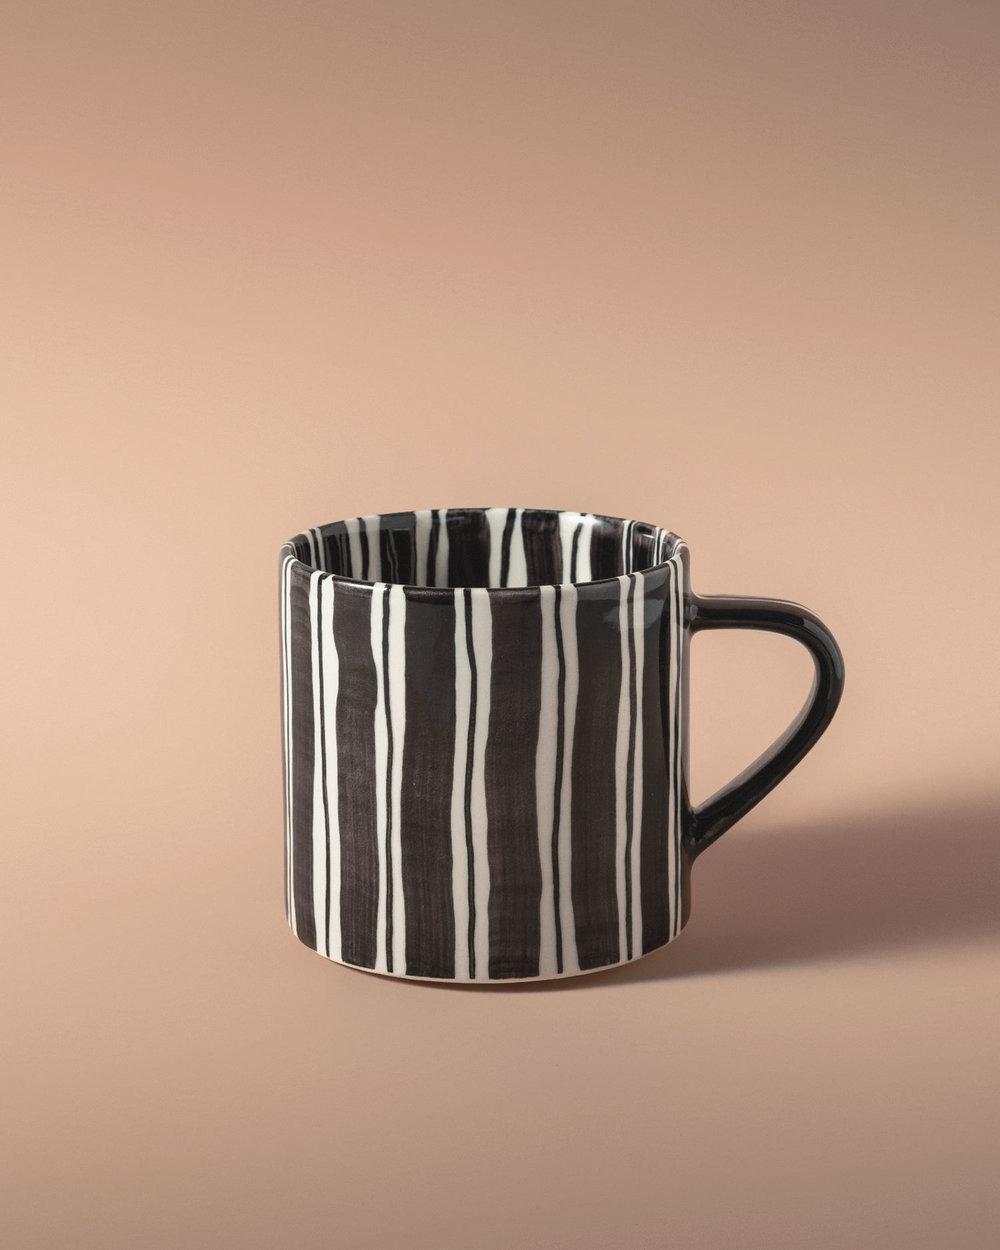 folkdrakter-coffee-cup-1.jpg